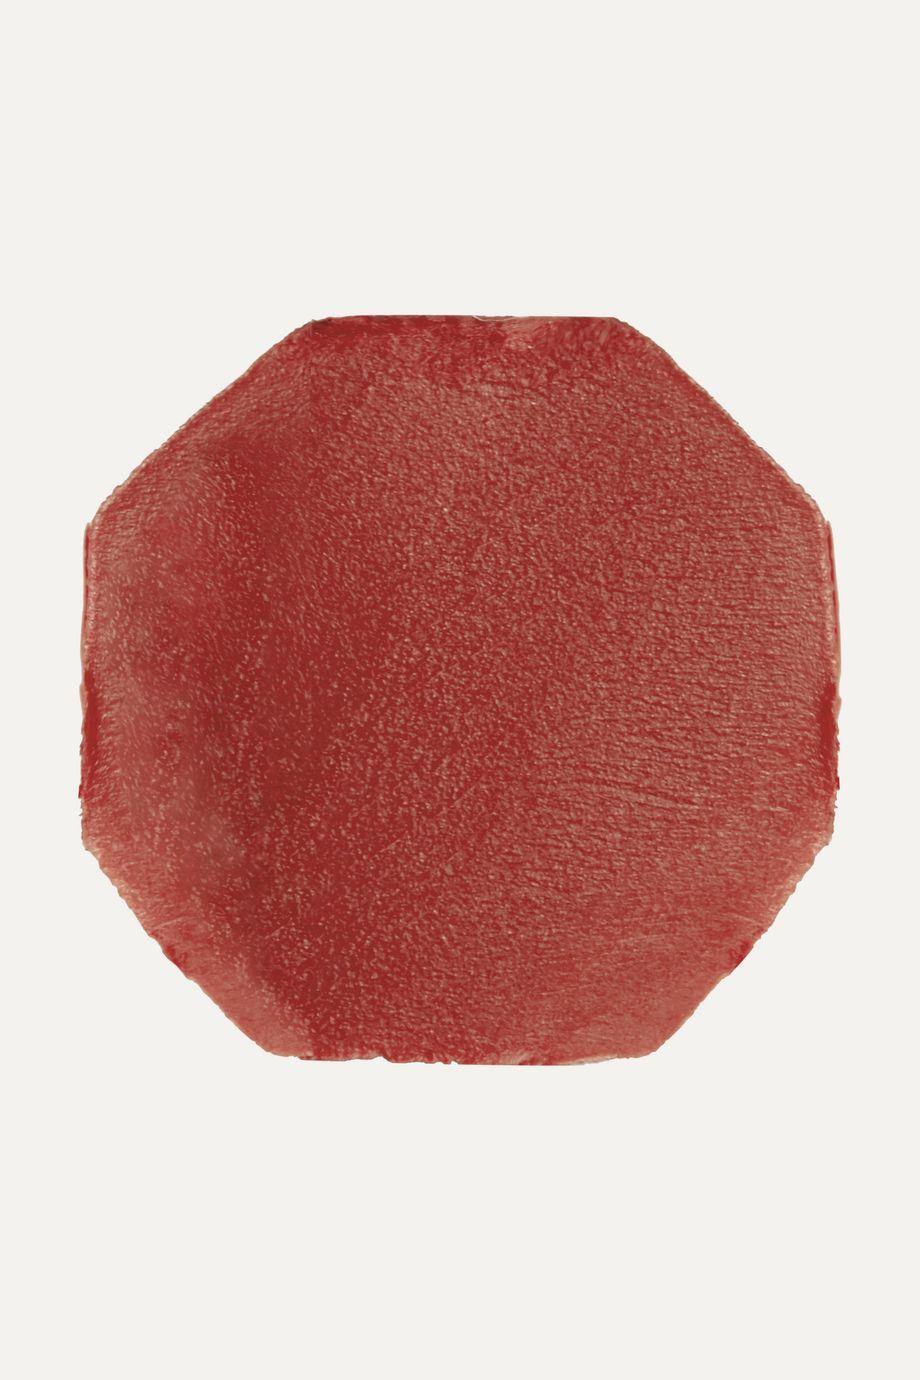 Sisley Le Phyto Rouge Lipstick - 12 Beige Bali